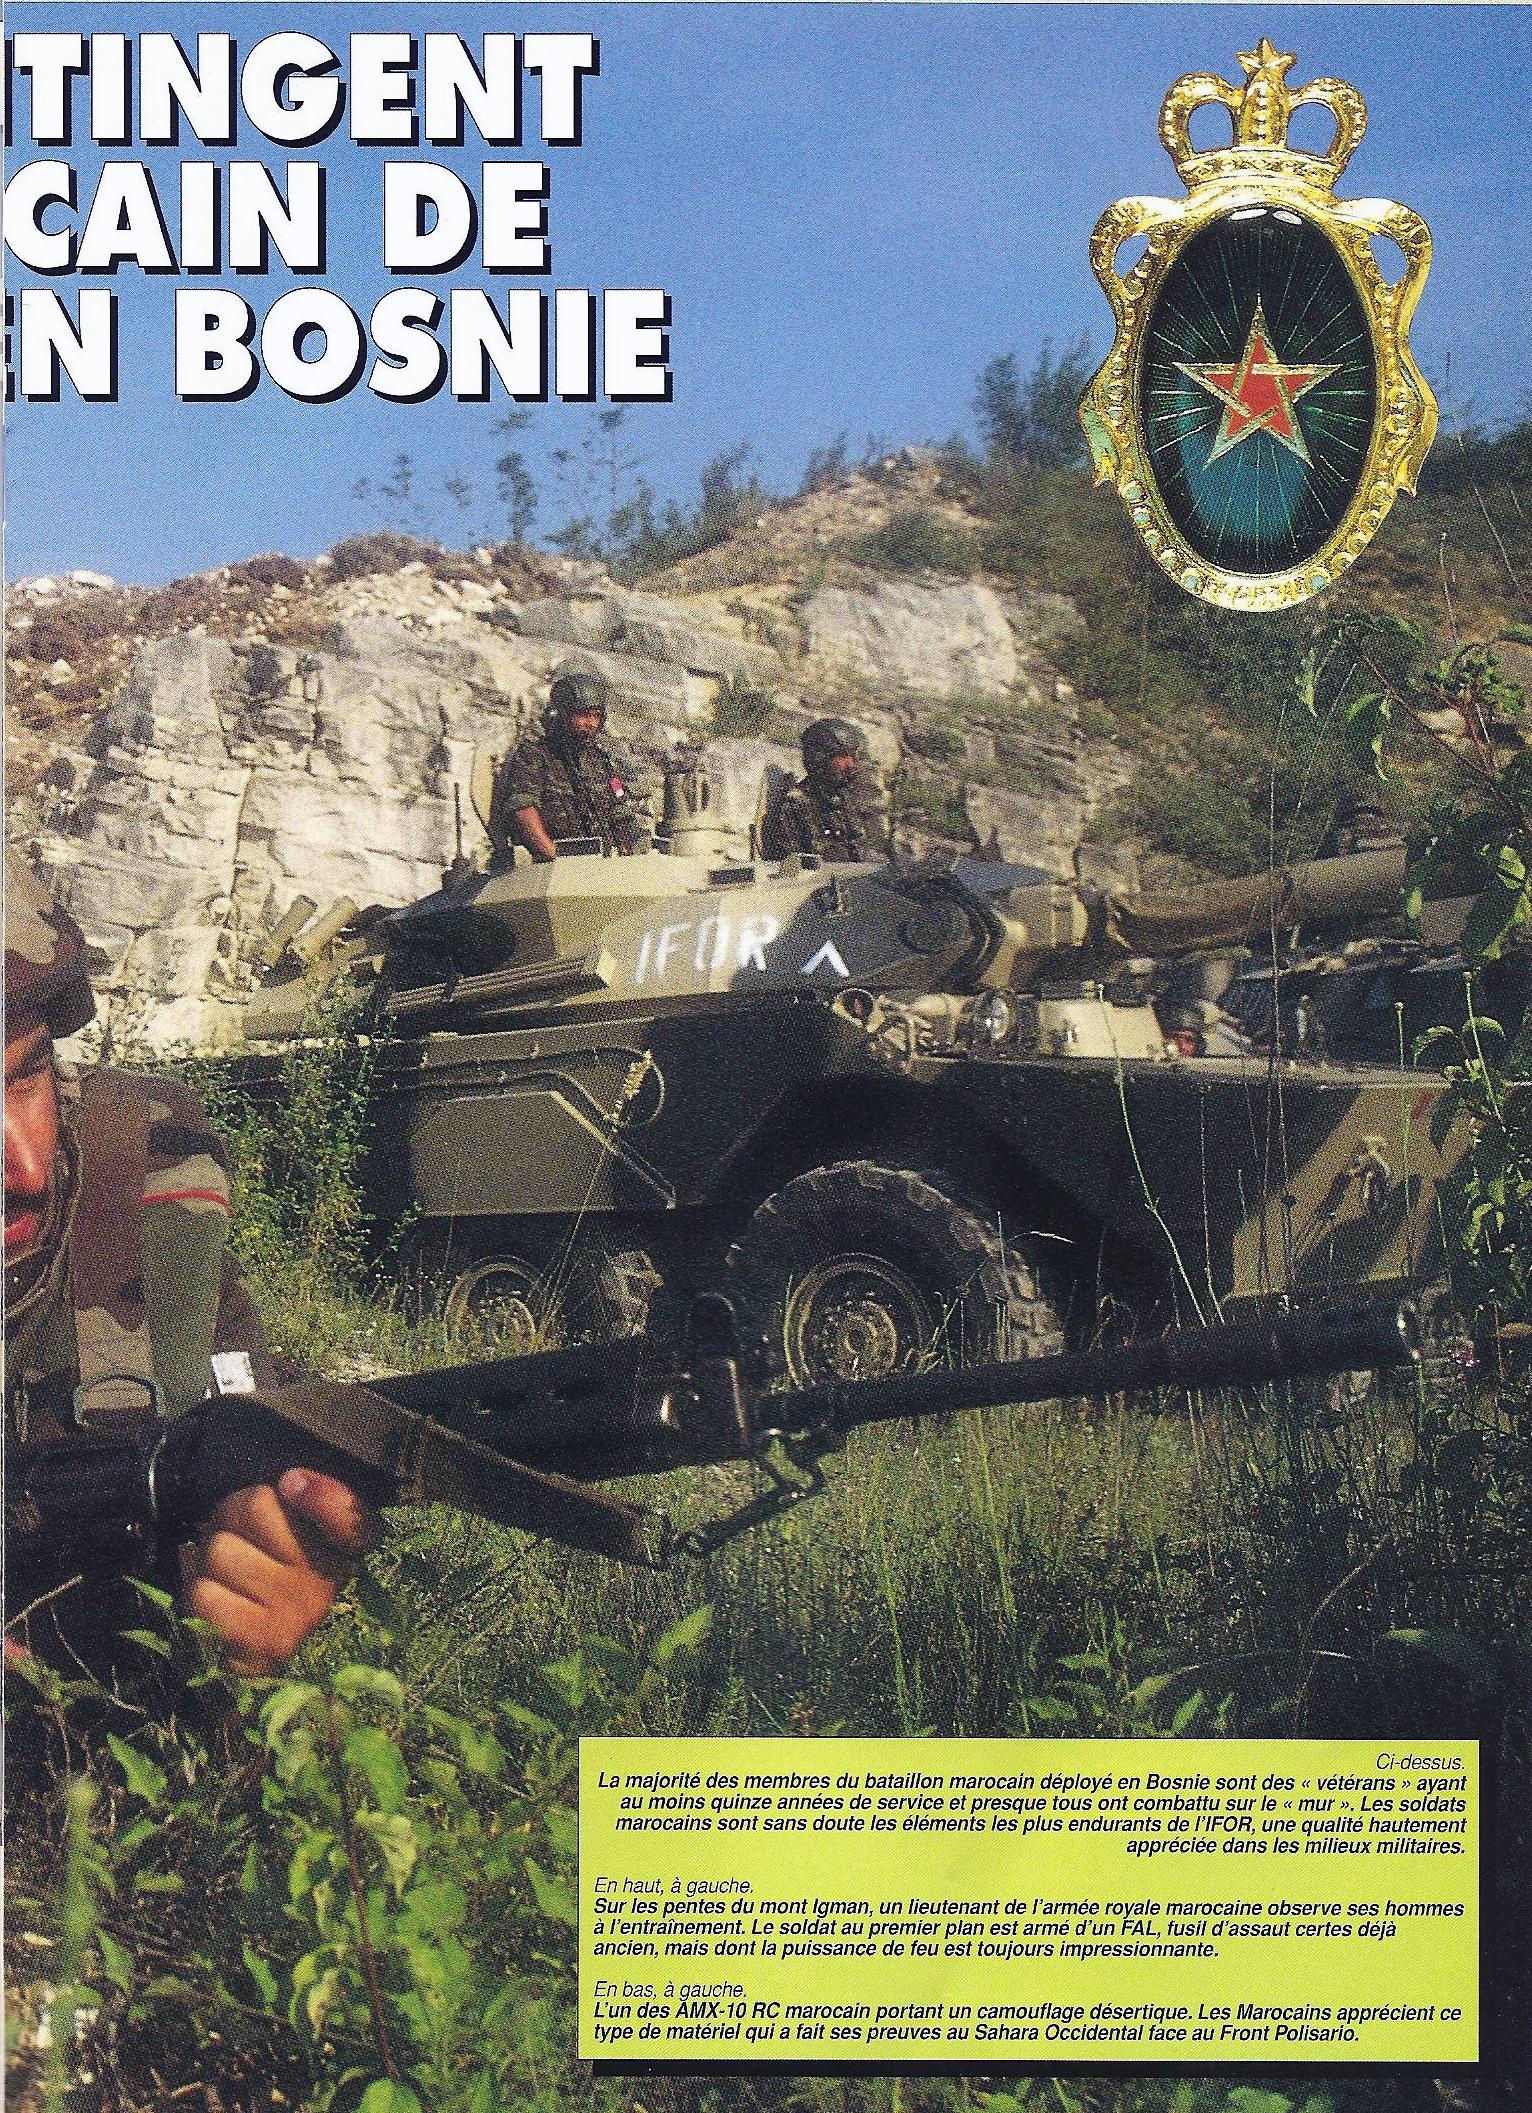 Les F.A.R. en Bosnie  IFOR, SFOR et EUFOR Althea 32784745272_abf5076260_o